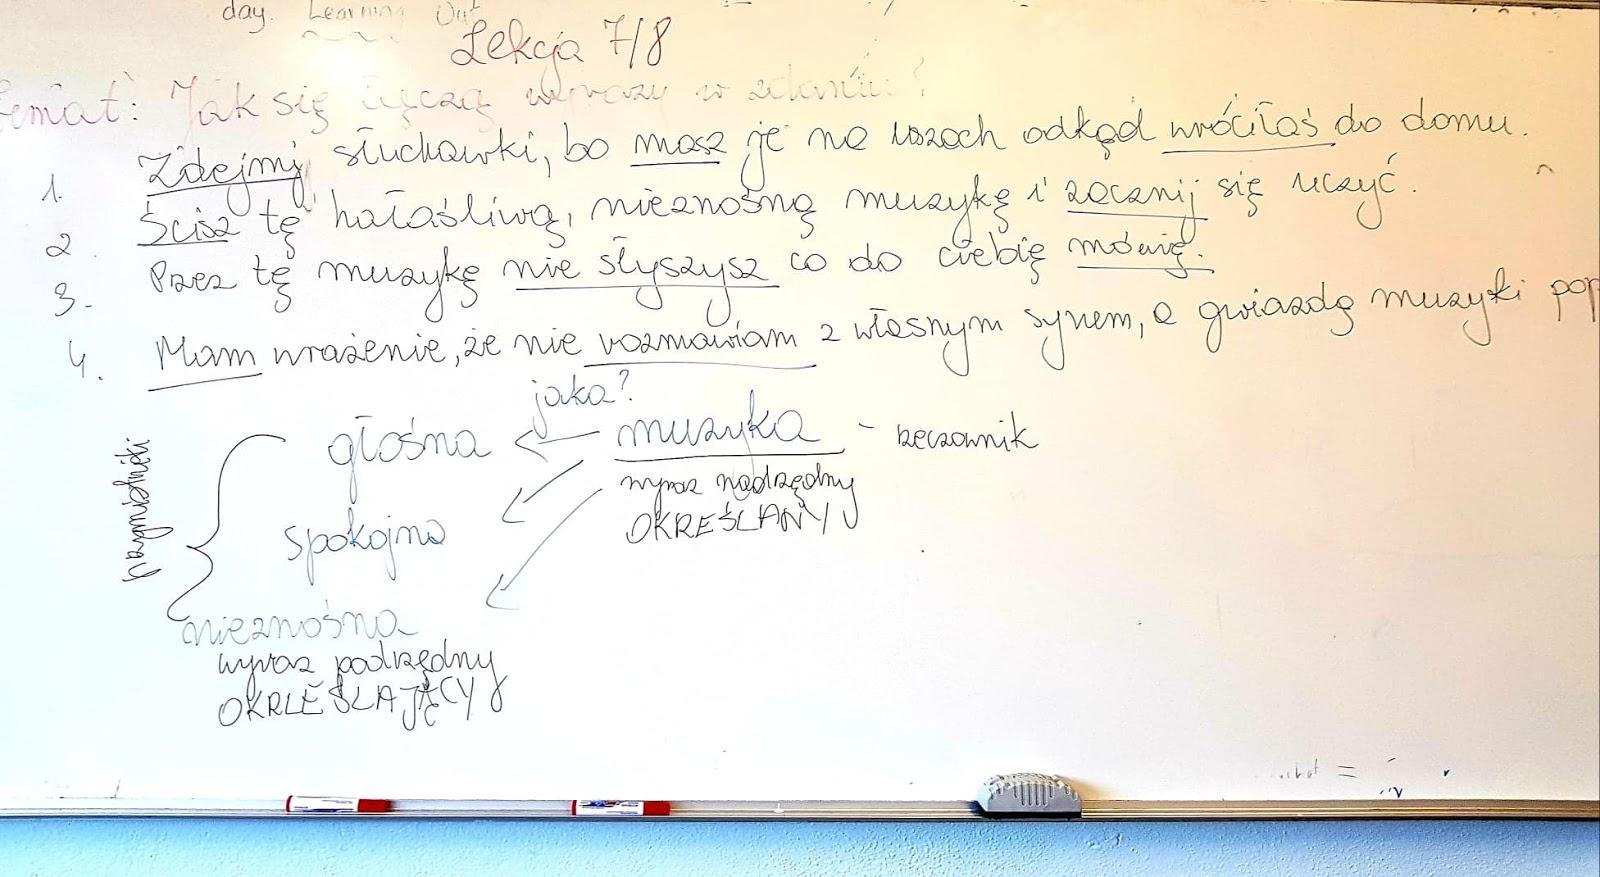 Szkoła Polska W Waterford Język Polski Klasa 6 15092018 R